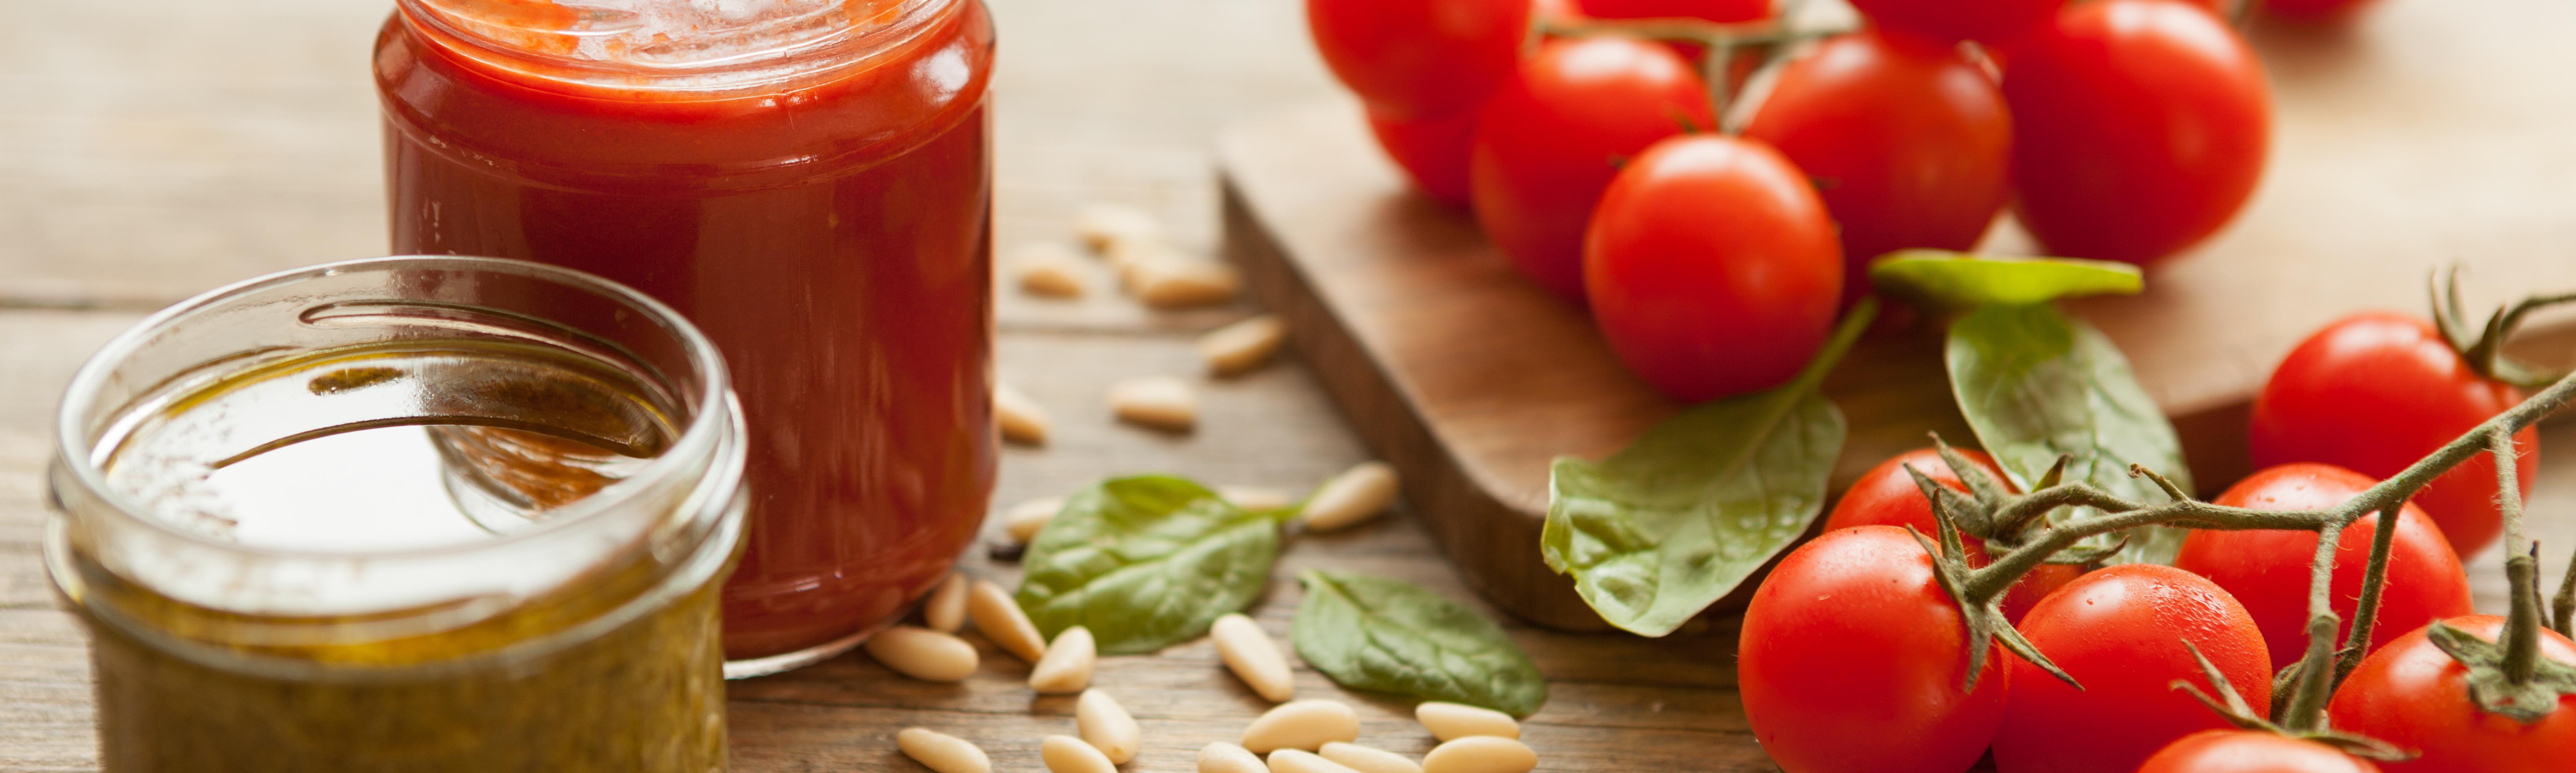 Sughi, Passate & Pesti